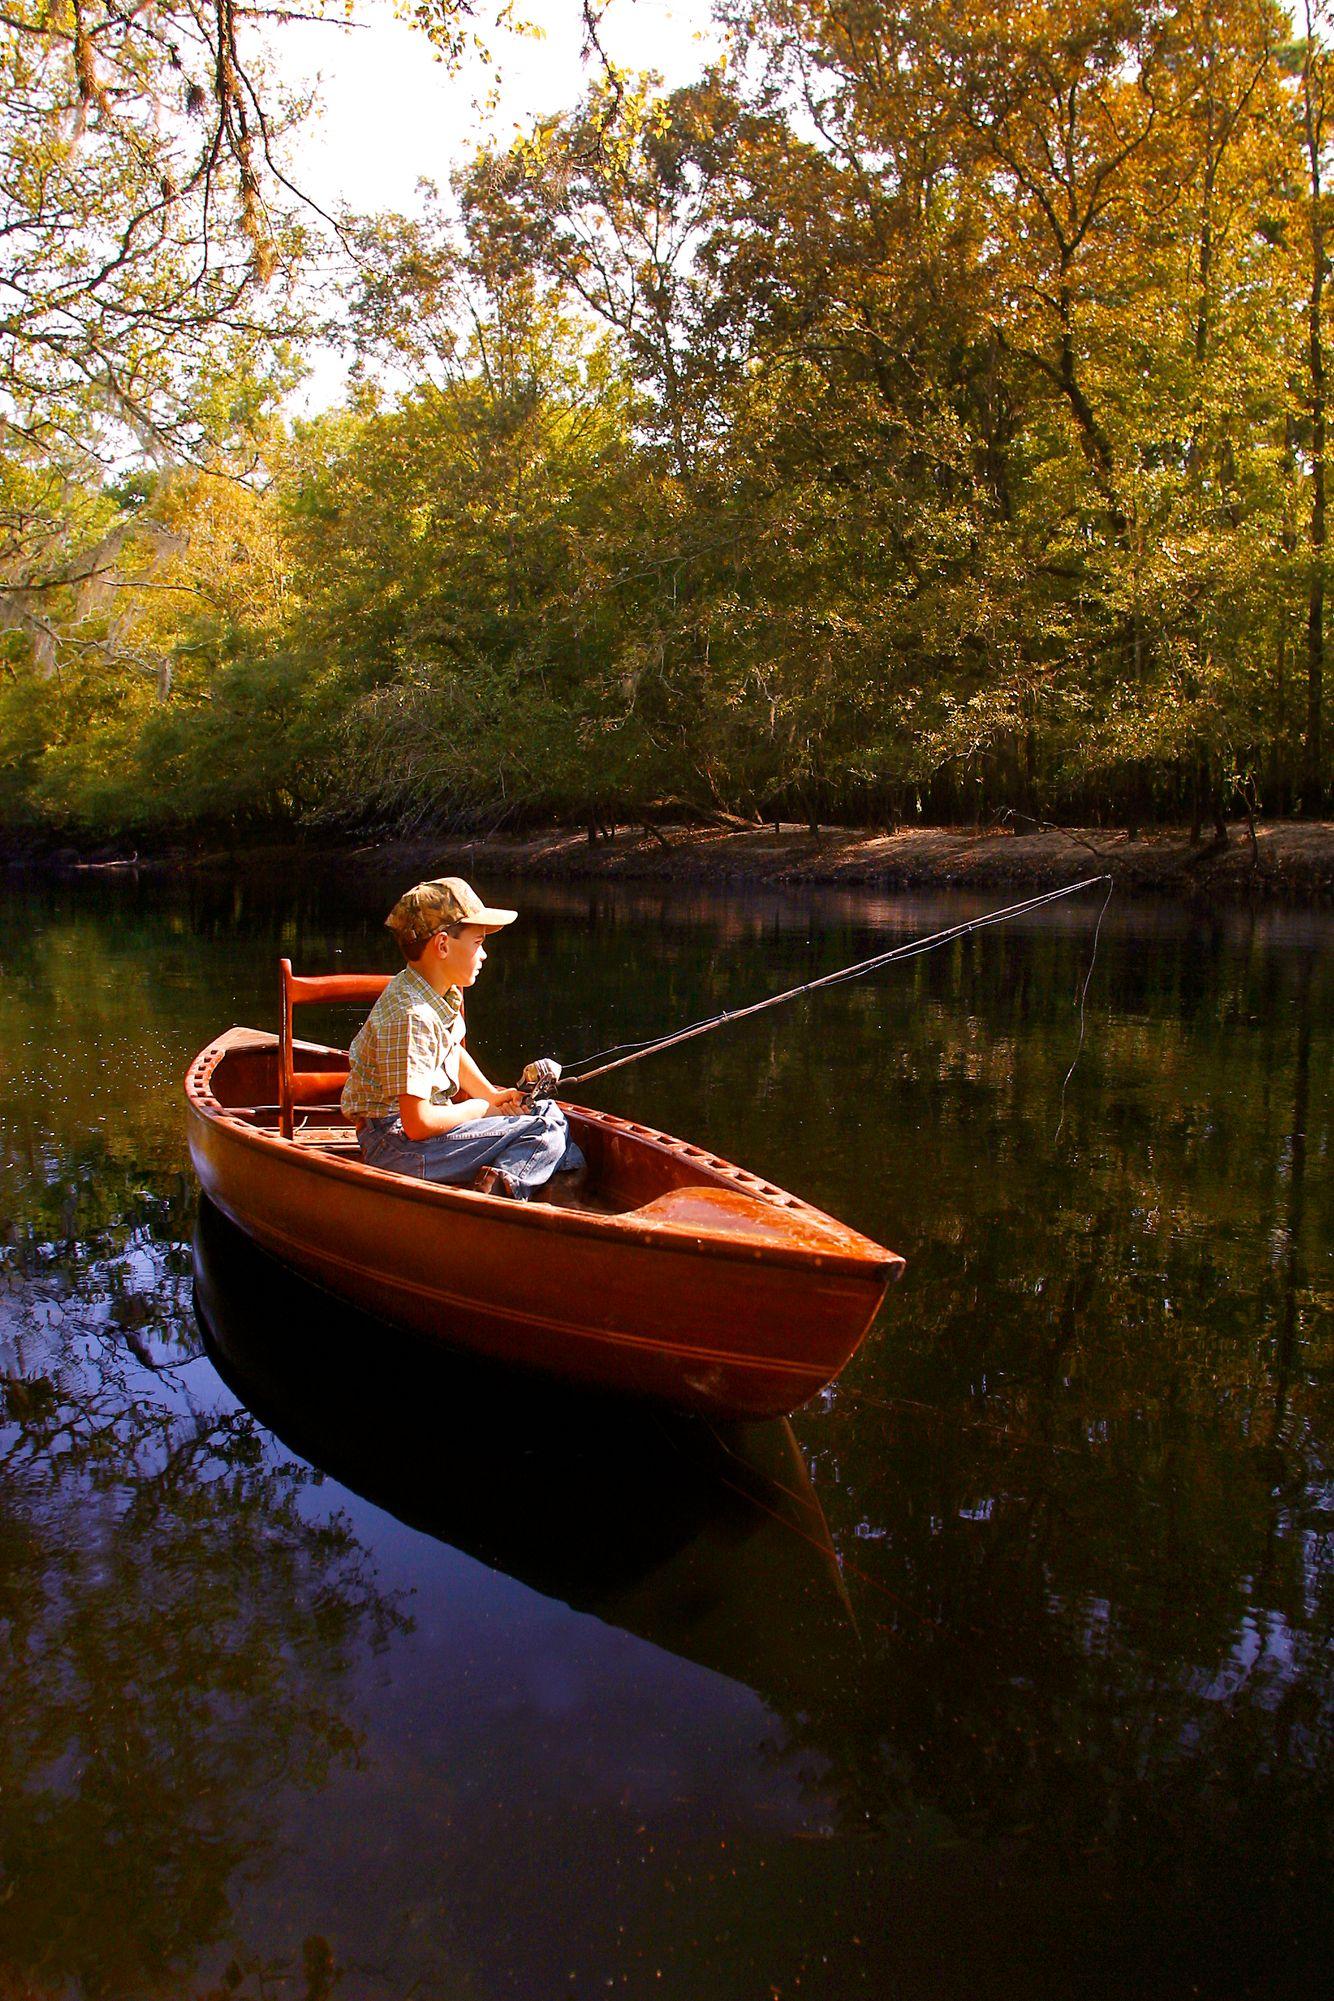 BoatBoy.jpg